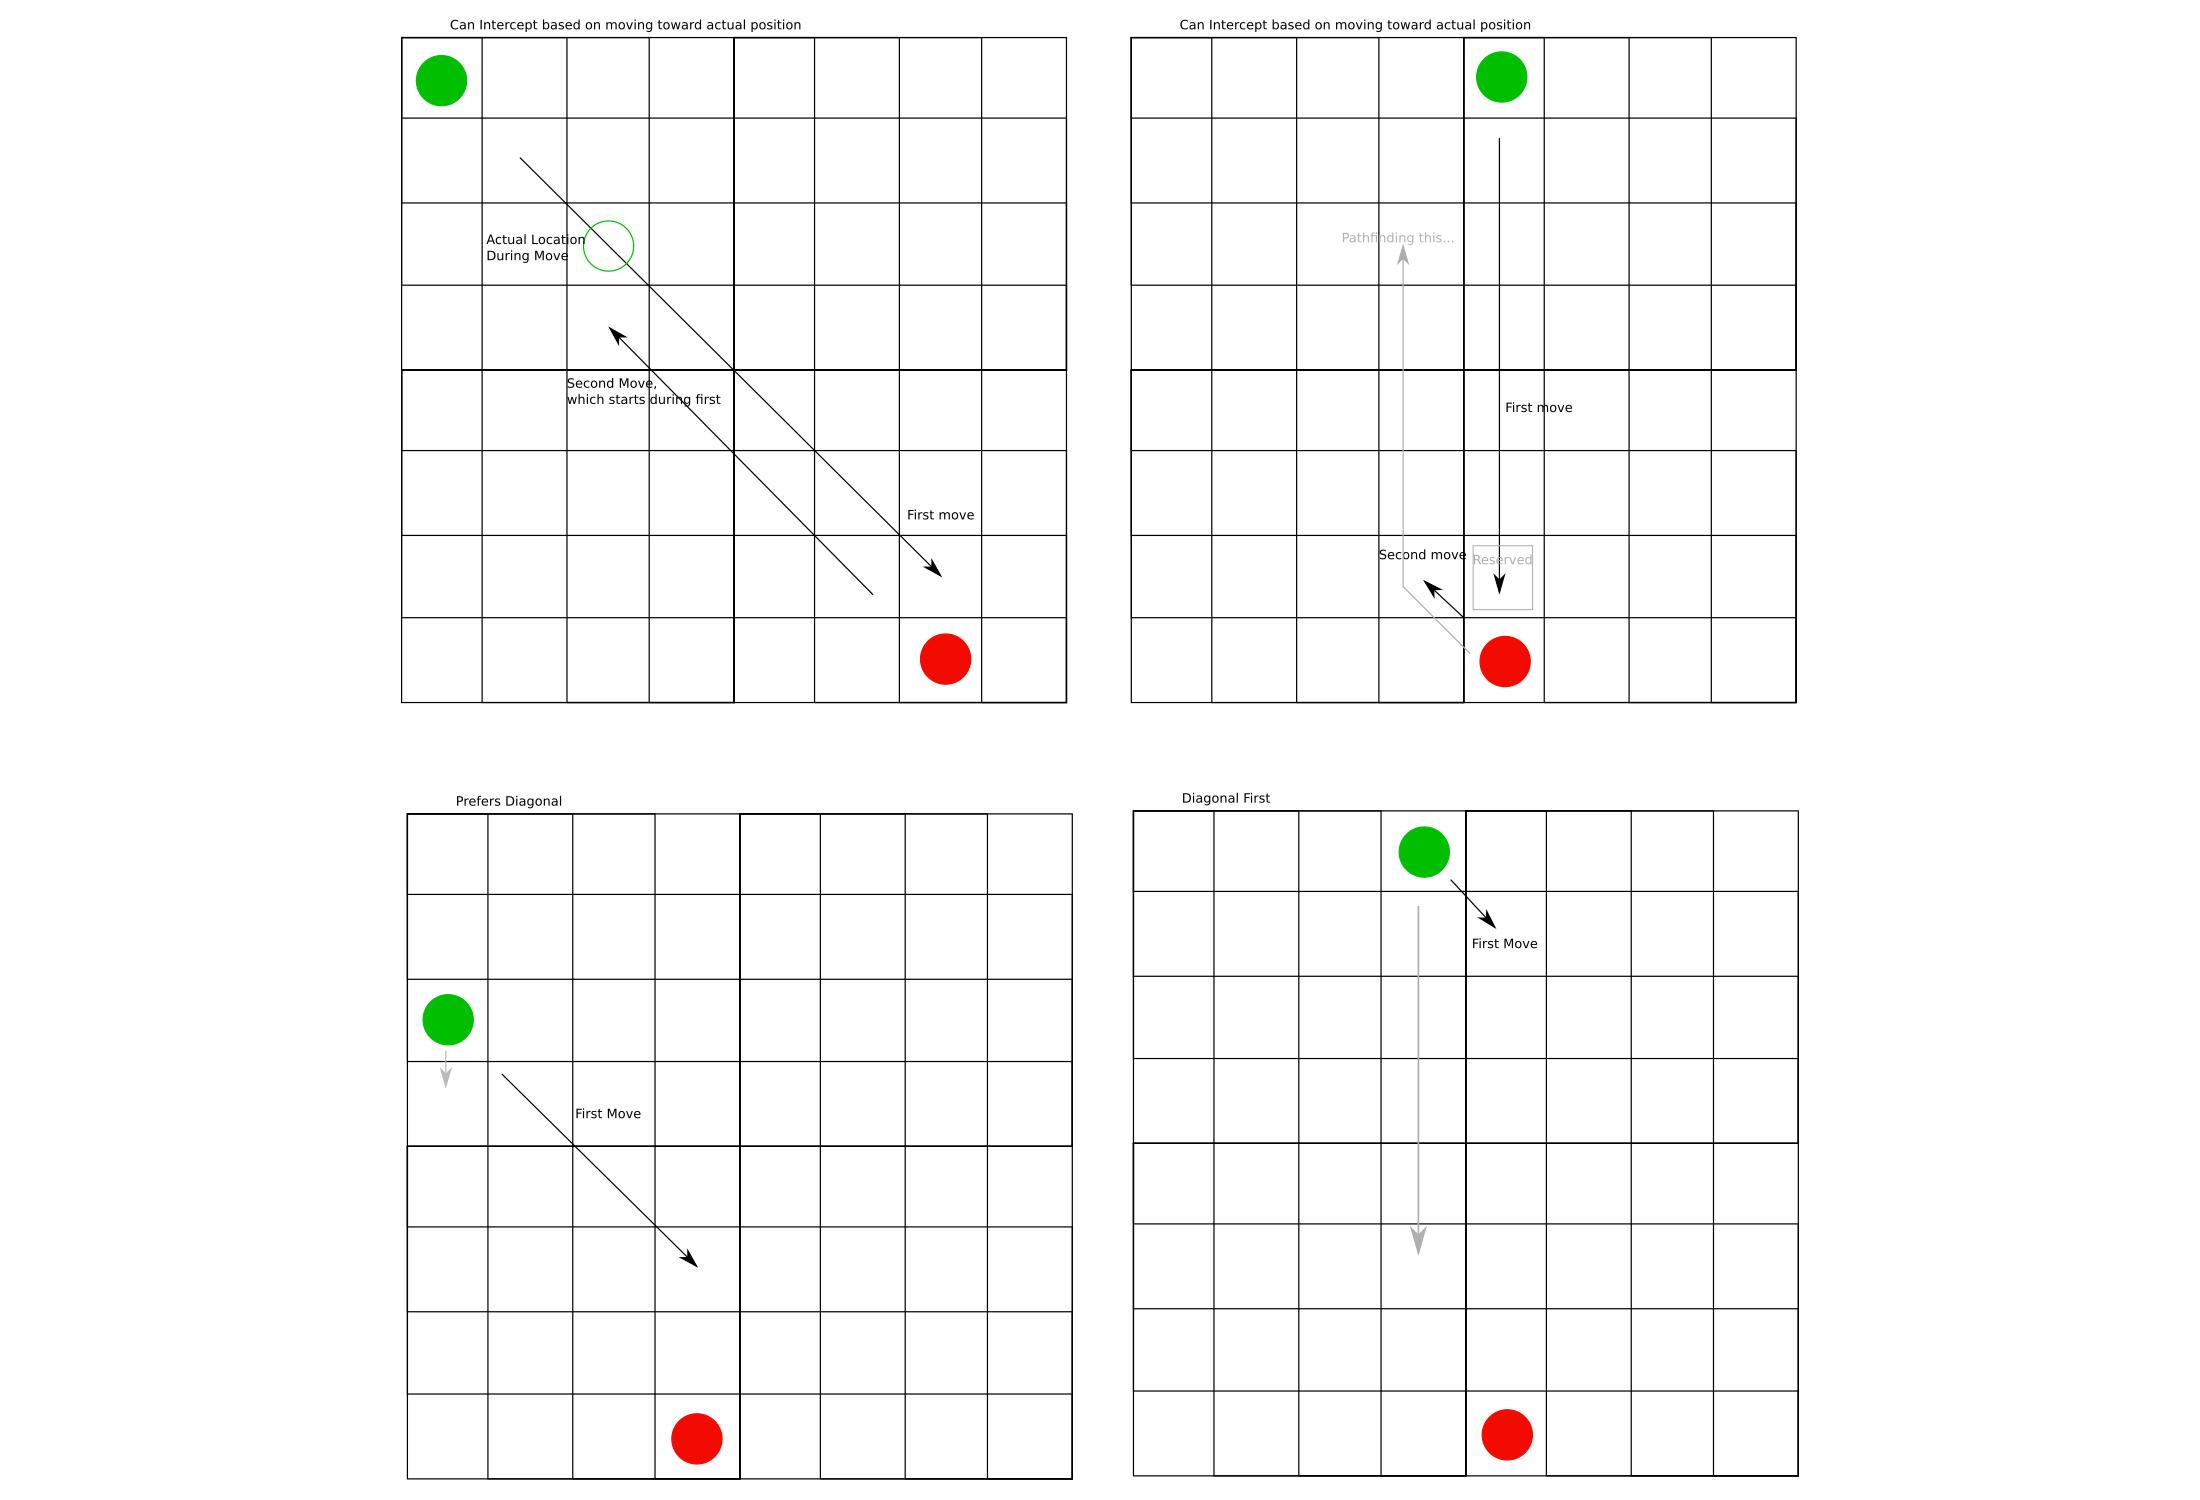 사각형과 육각형 방식의 움직임 예시와 결투장 배치입니다.